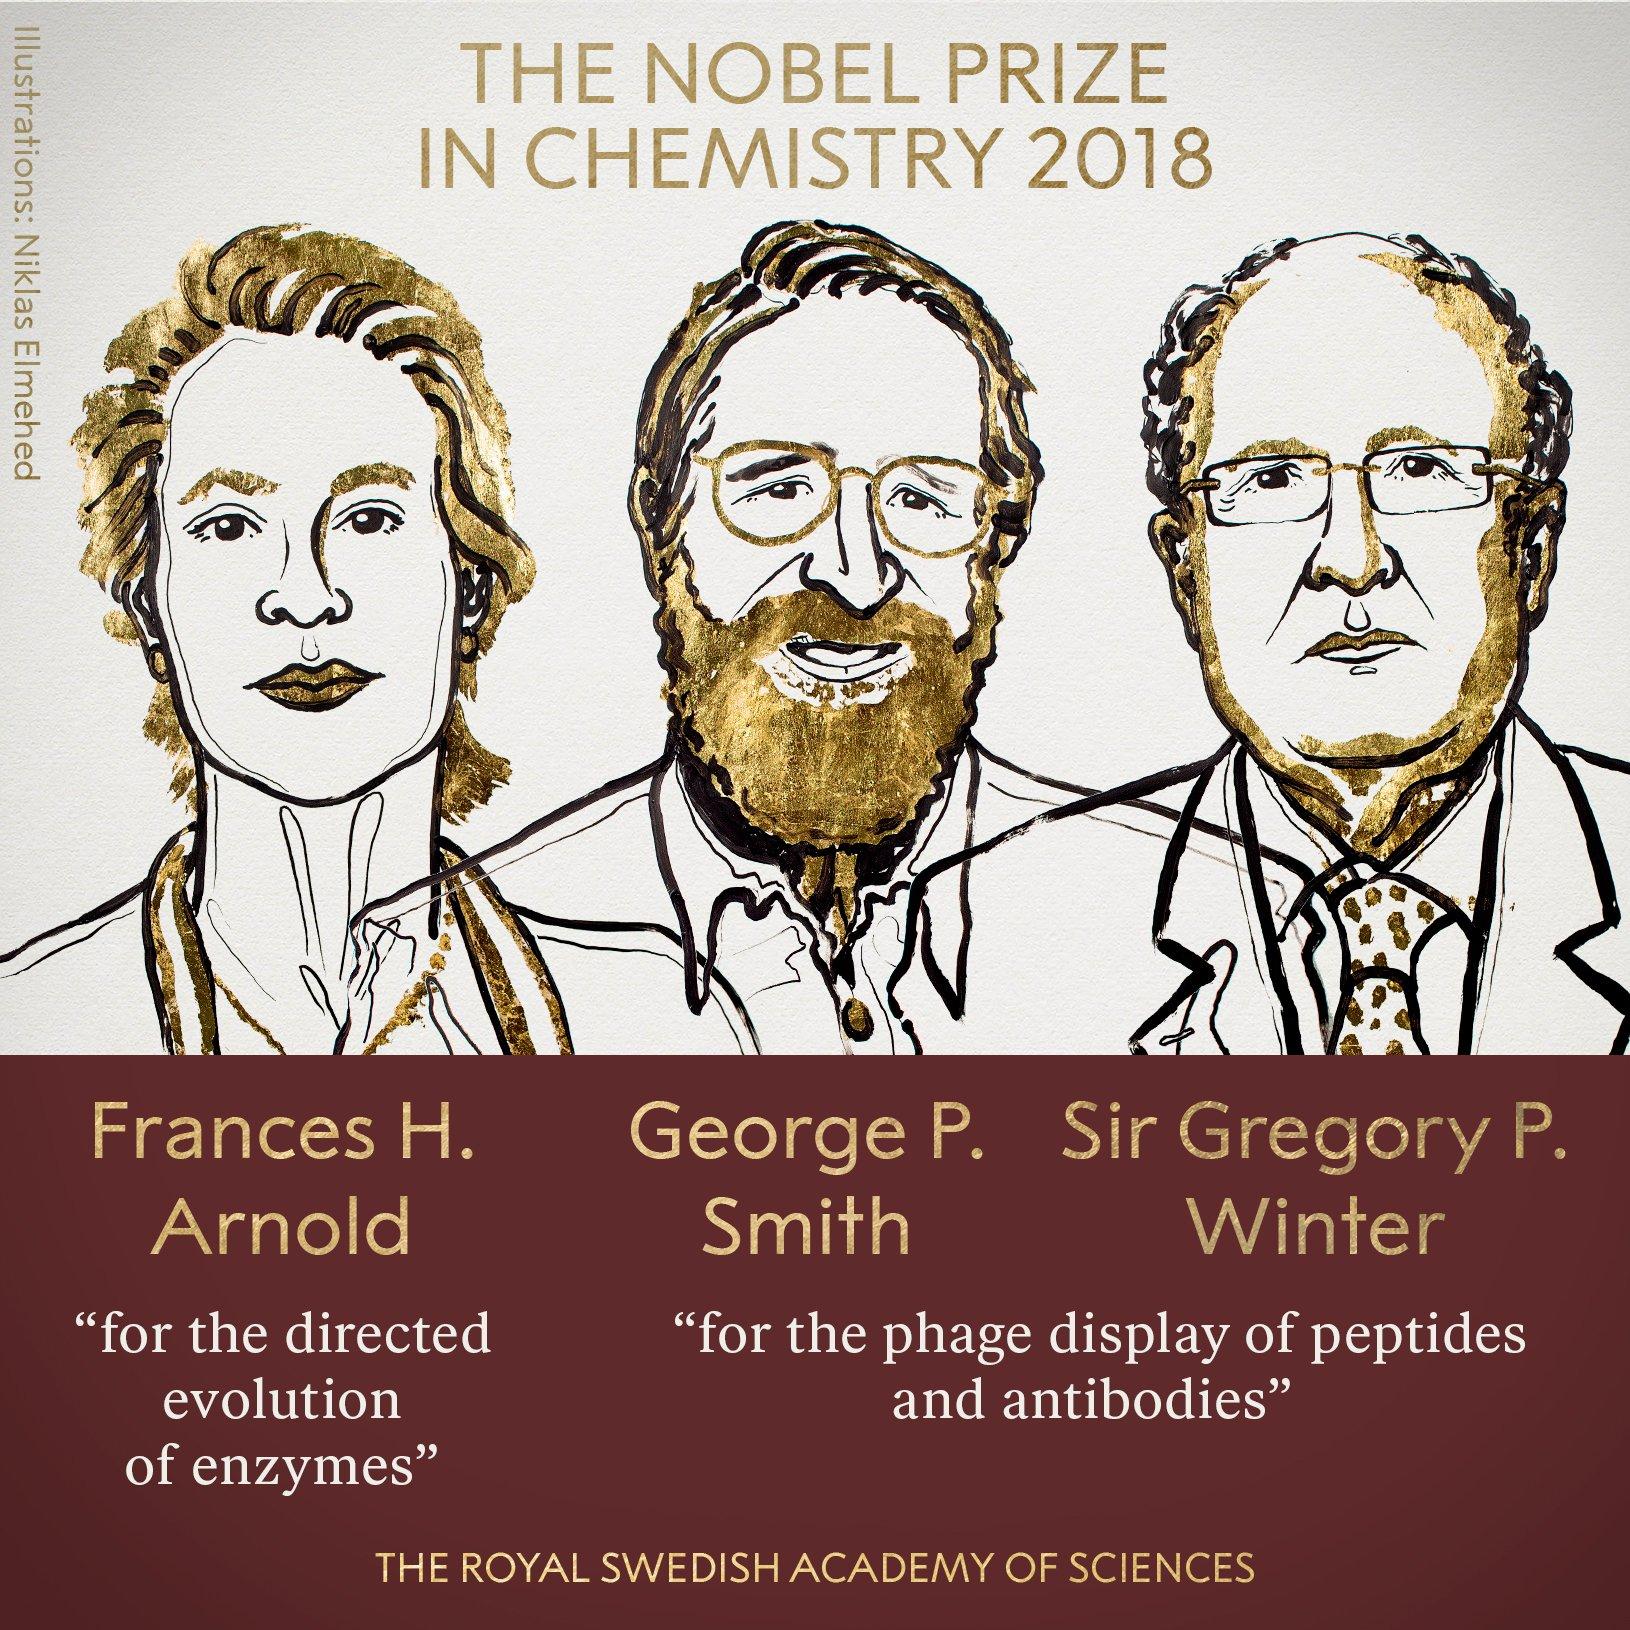 Они взяли под контроль эволюцию: названы лауреаты Нобелевской премии по химии